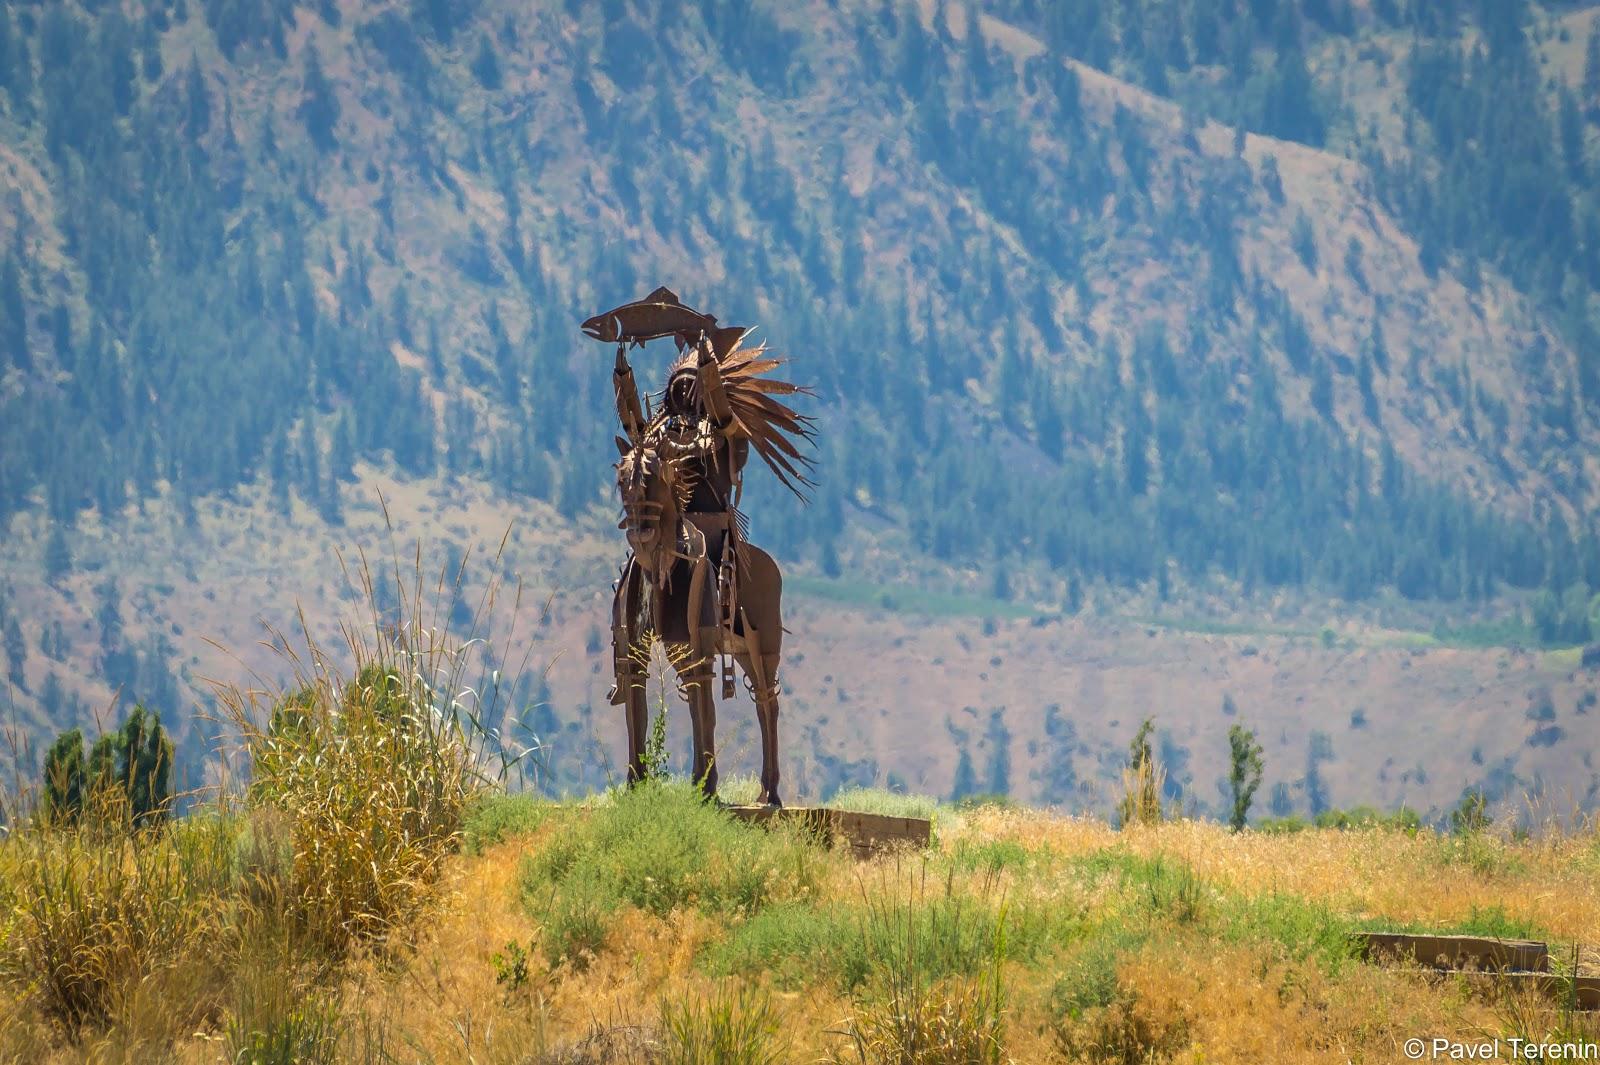 На берегу реки поставлен памятник индейцу племени Якима, жившему на этих землях до прихода европейцев.